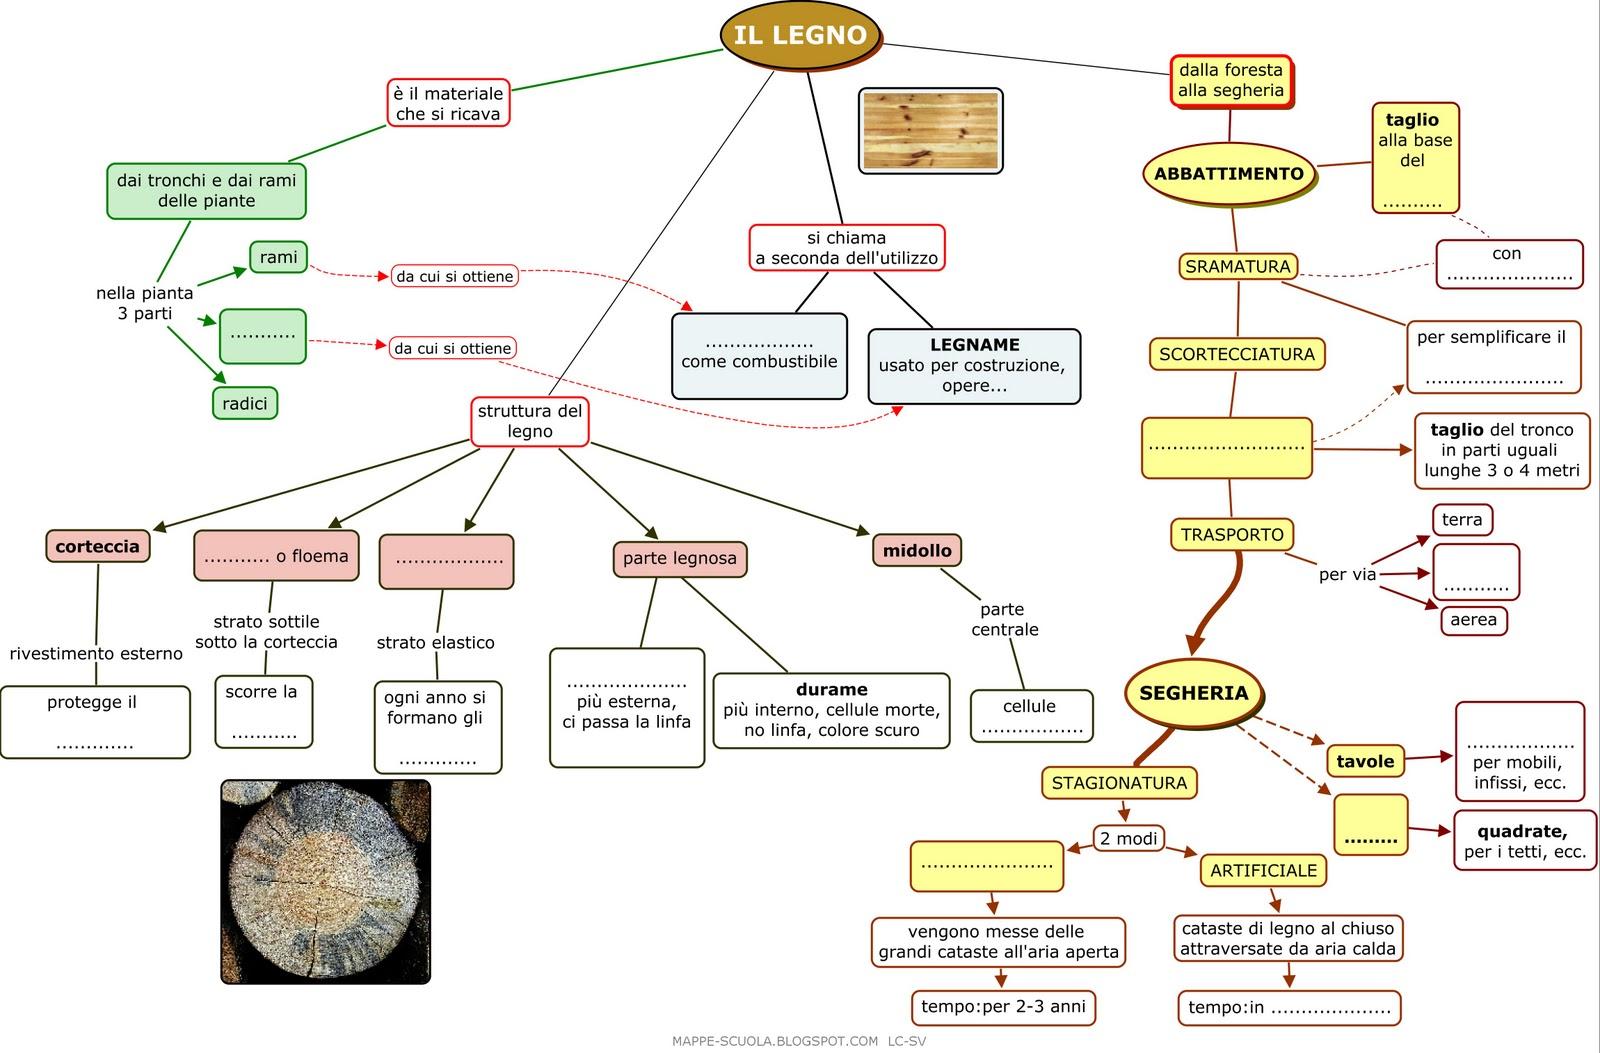 Mappe per la scuola il legno mappa concettuale tecnologia for Una pianta della casa di legno